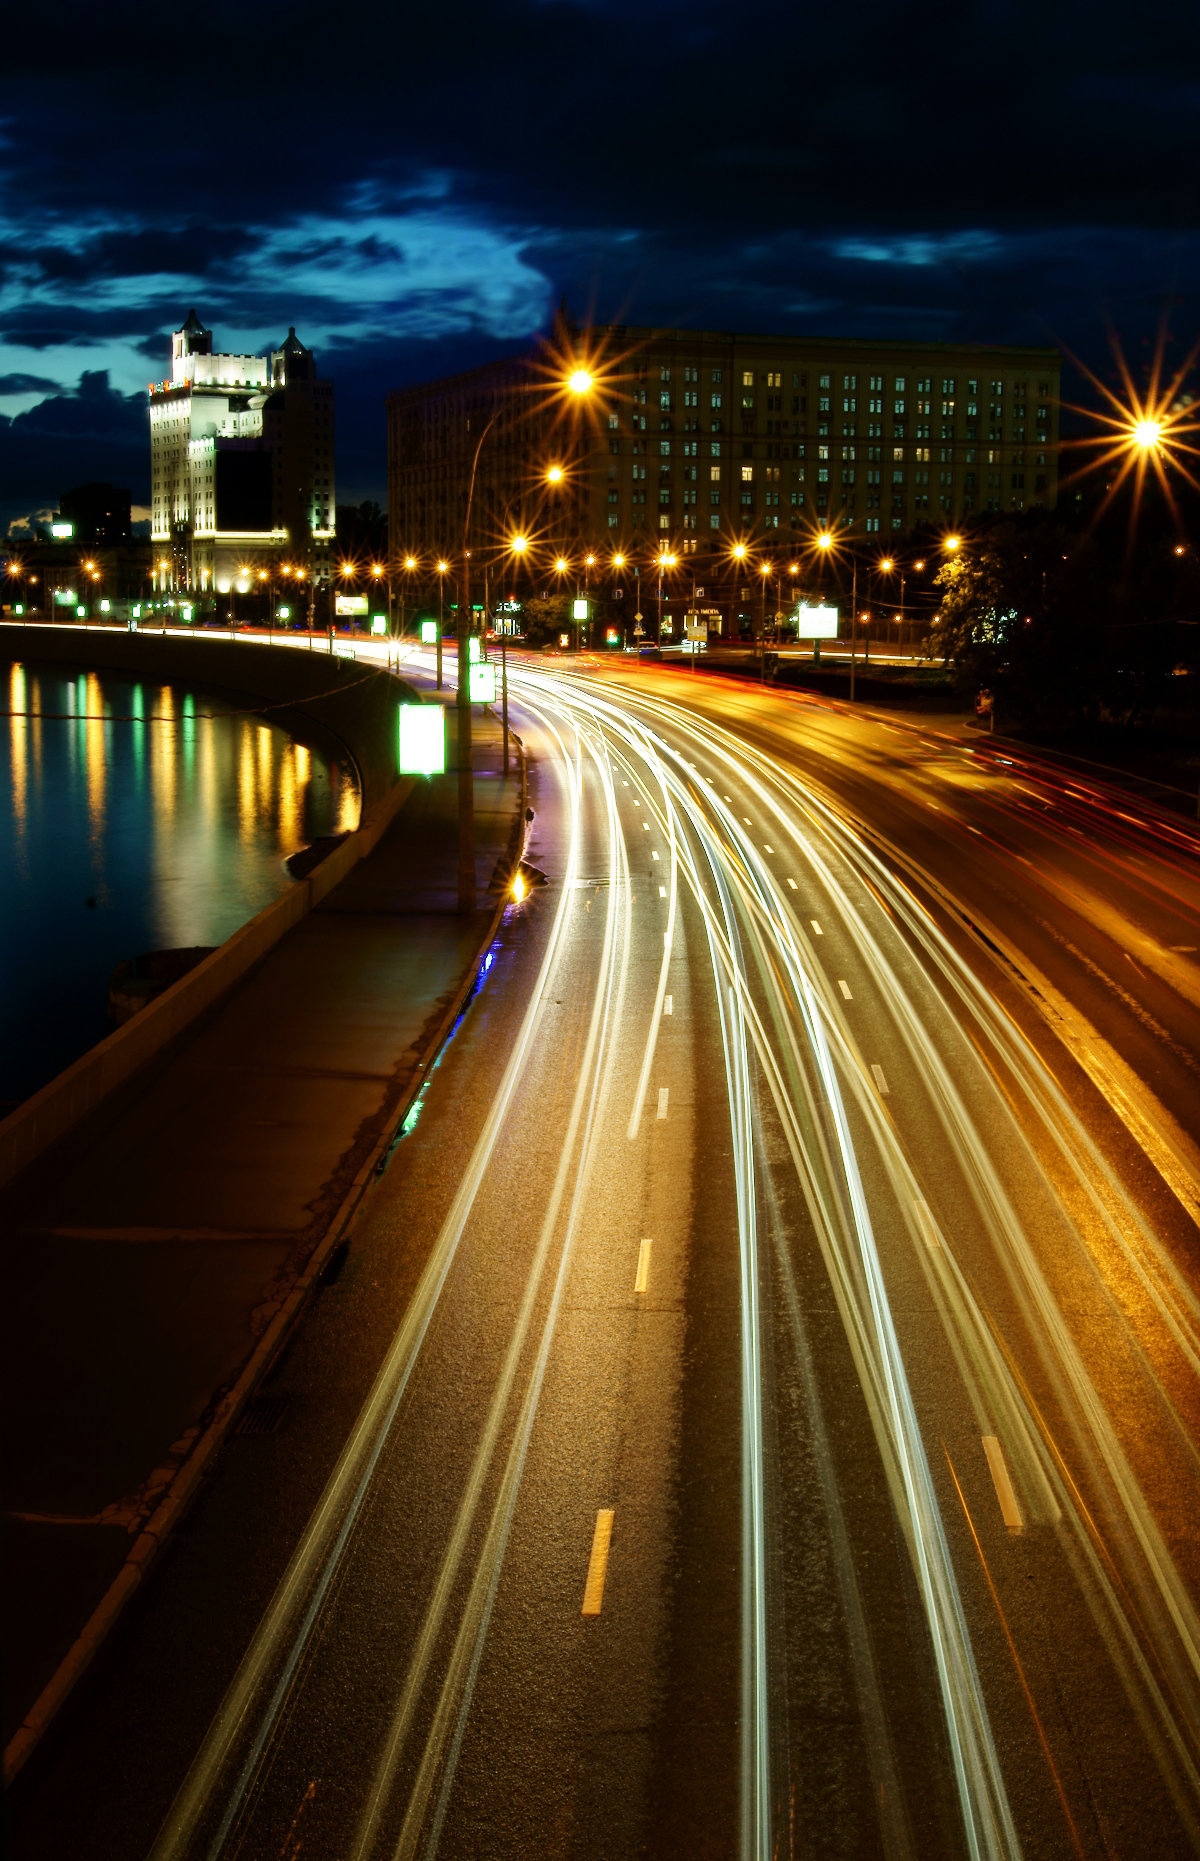 фото москва ночная дорога шерсть